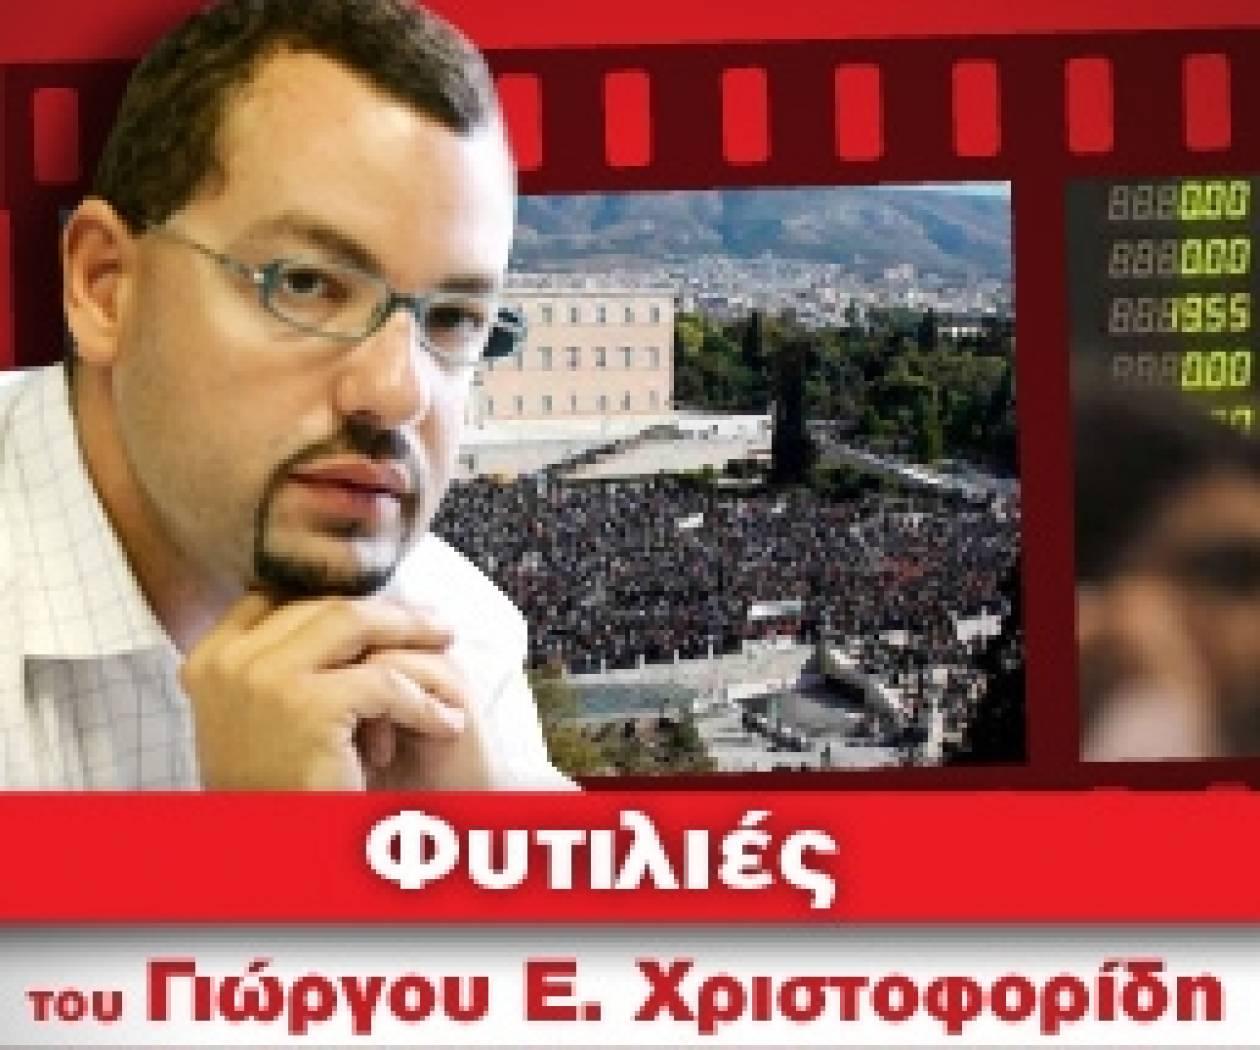 Μέρος Α: Το μετέωρο βήμα του Αντώνη Σαμαρά